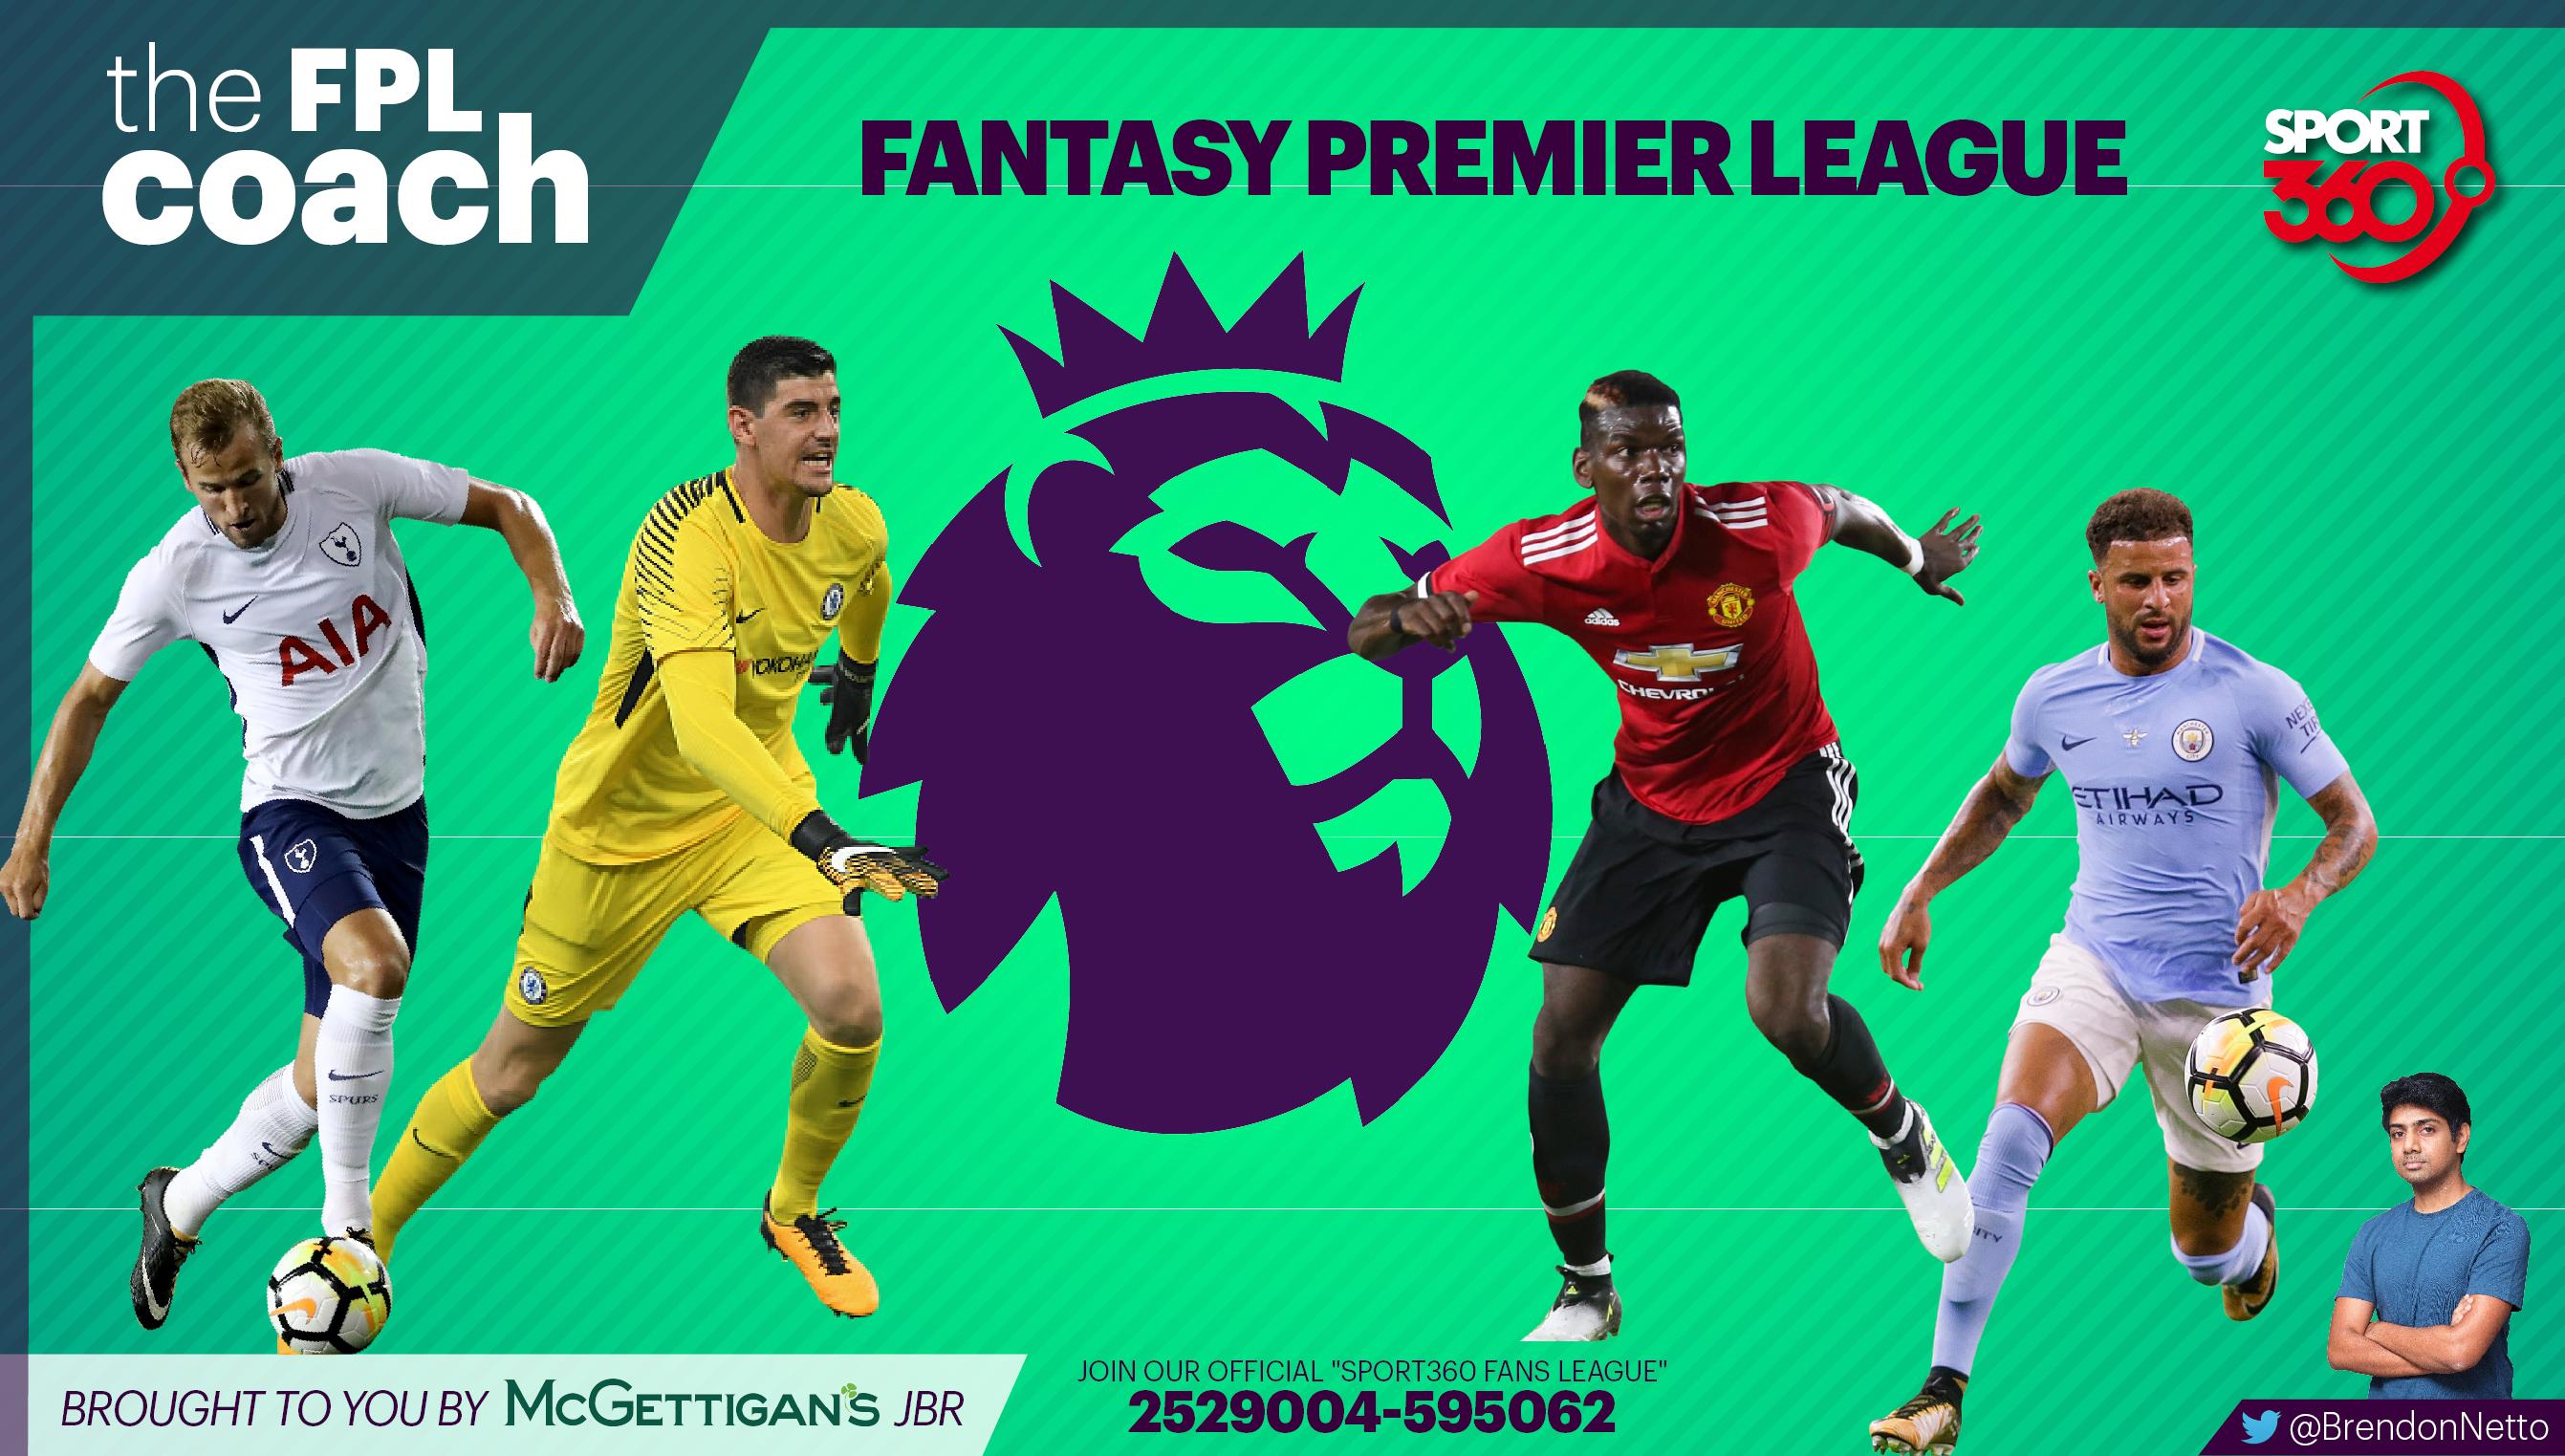 Fantasy Premier League tips: Captain Harry Kane, drop Man